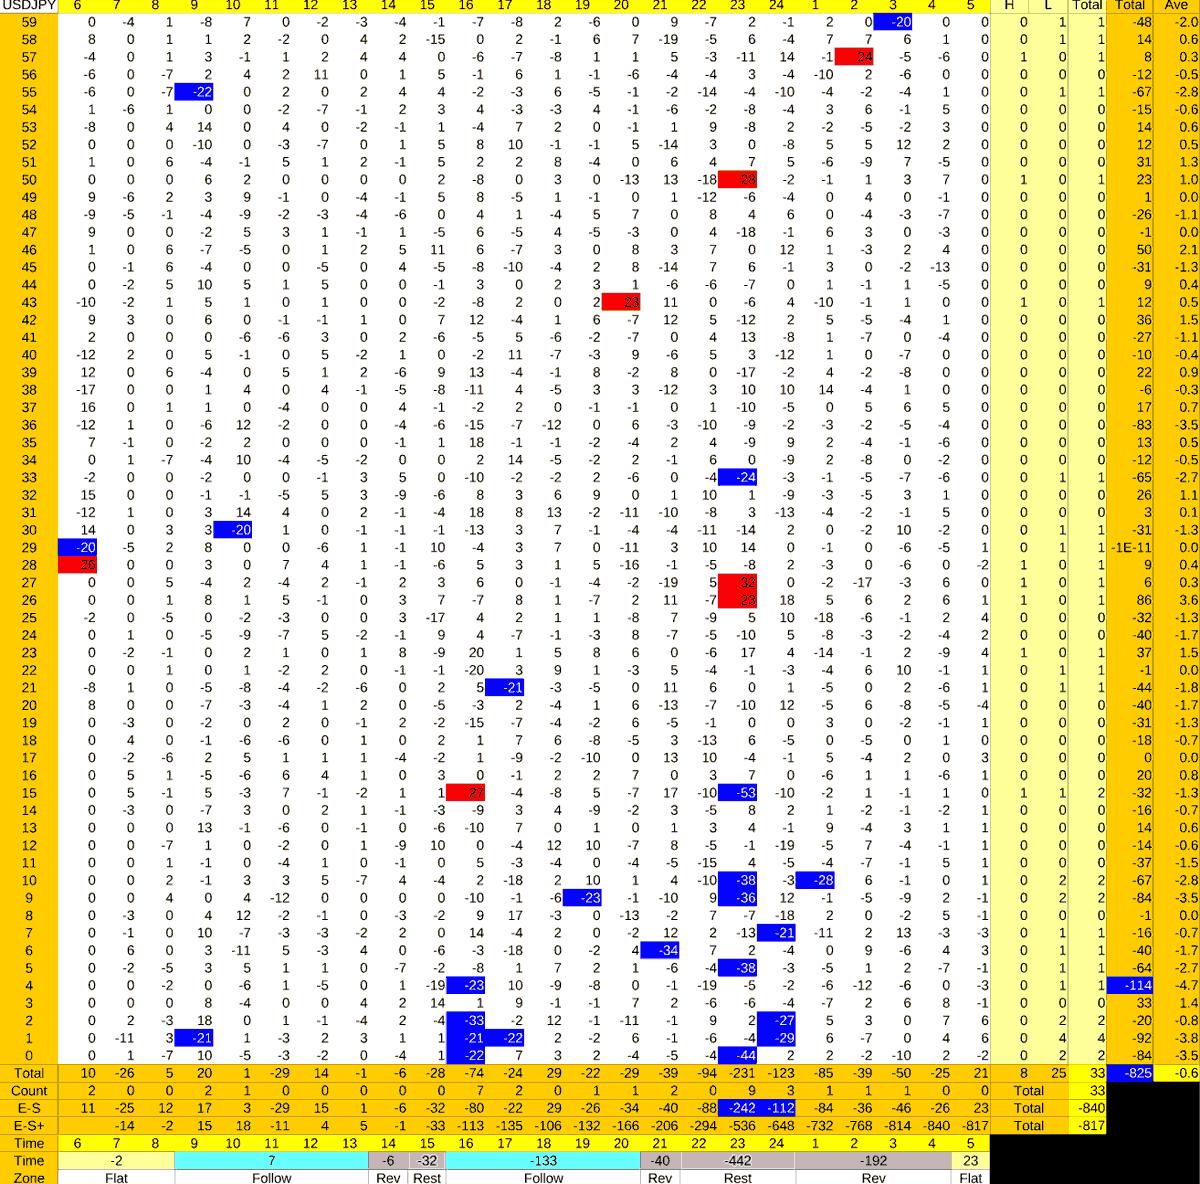 20210813_HS(1)USDJPY